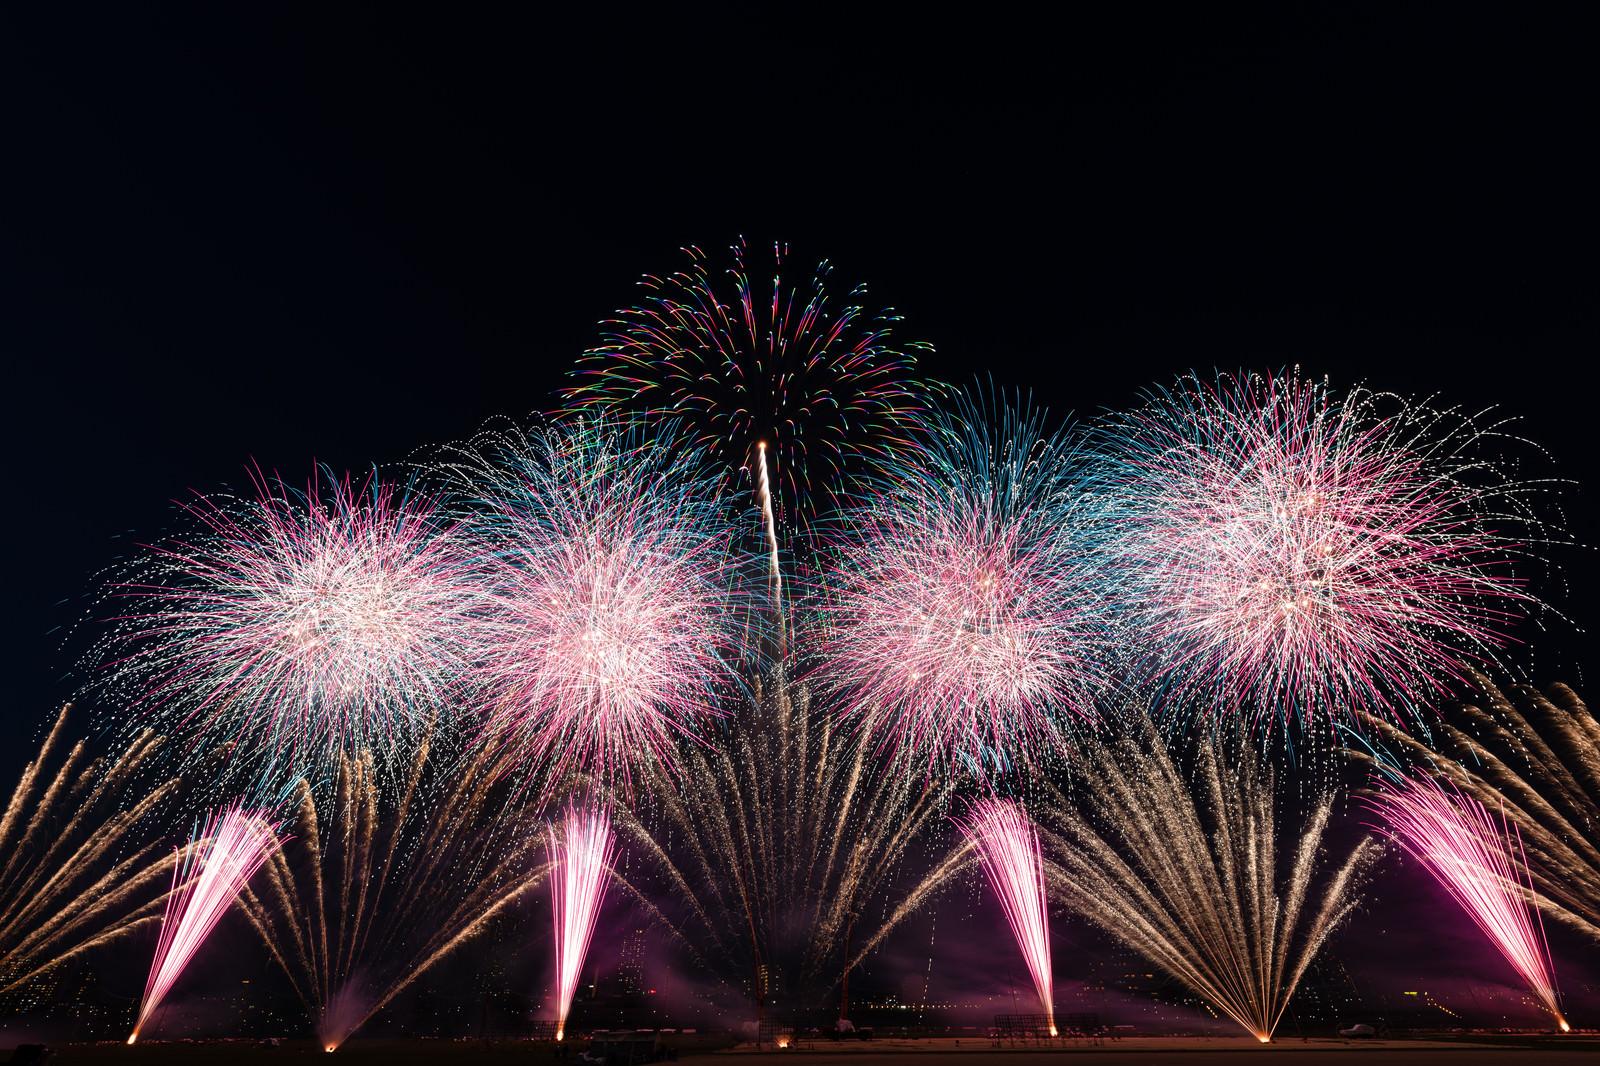 「江戸川区花火大会のオープニング | 写真の無料素材・フリー素材 - ぱくたそ」の写真